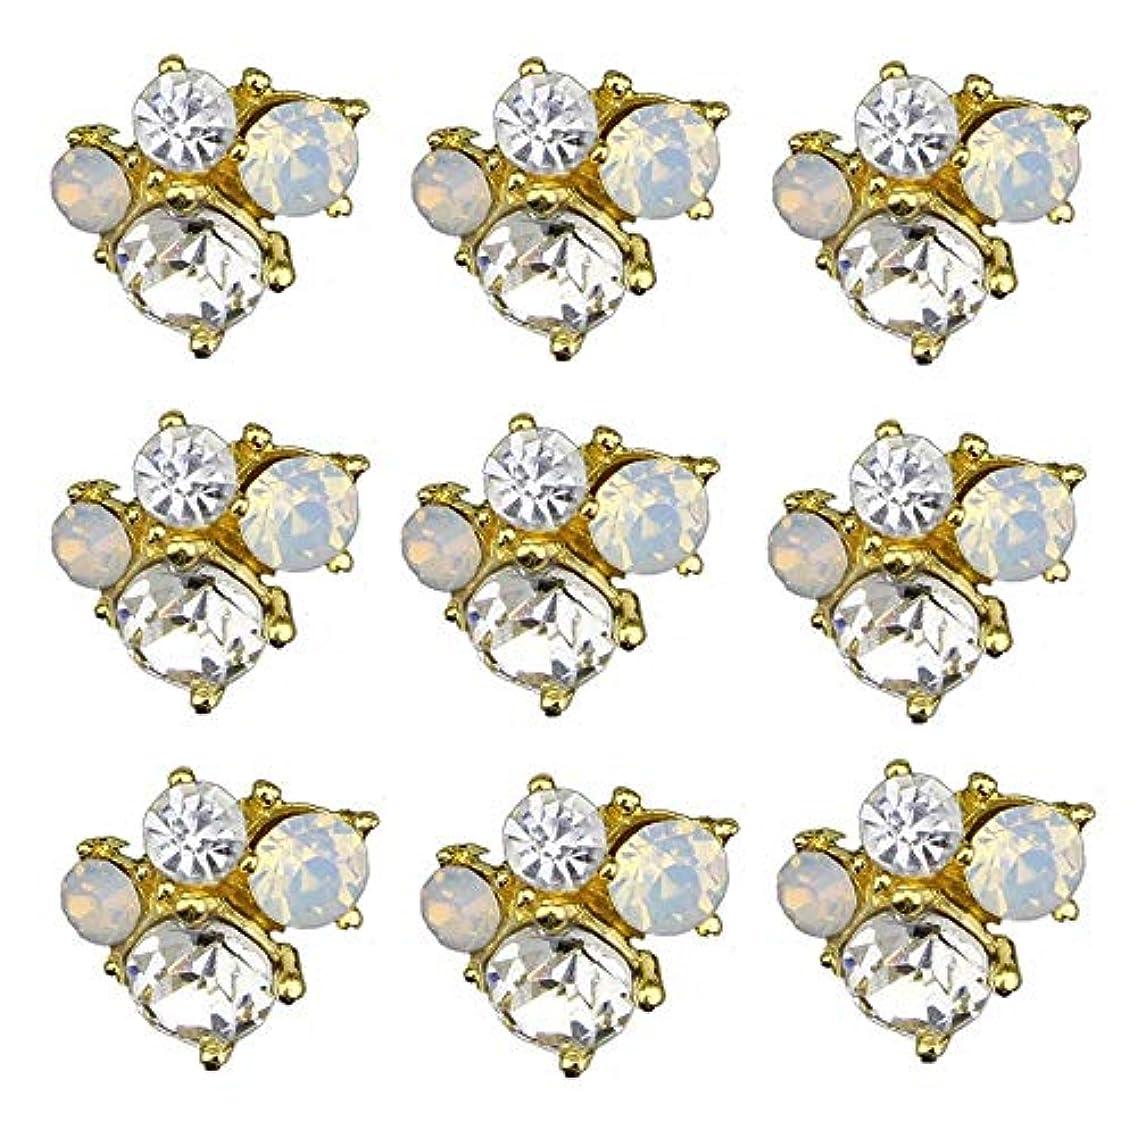 ブリーク割合ホームレスネイルズデザインのための10pcsの3Dネイルアーツグリッターラインストーンの装飾チャームクリスタル飾るスタッドアクセサリー